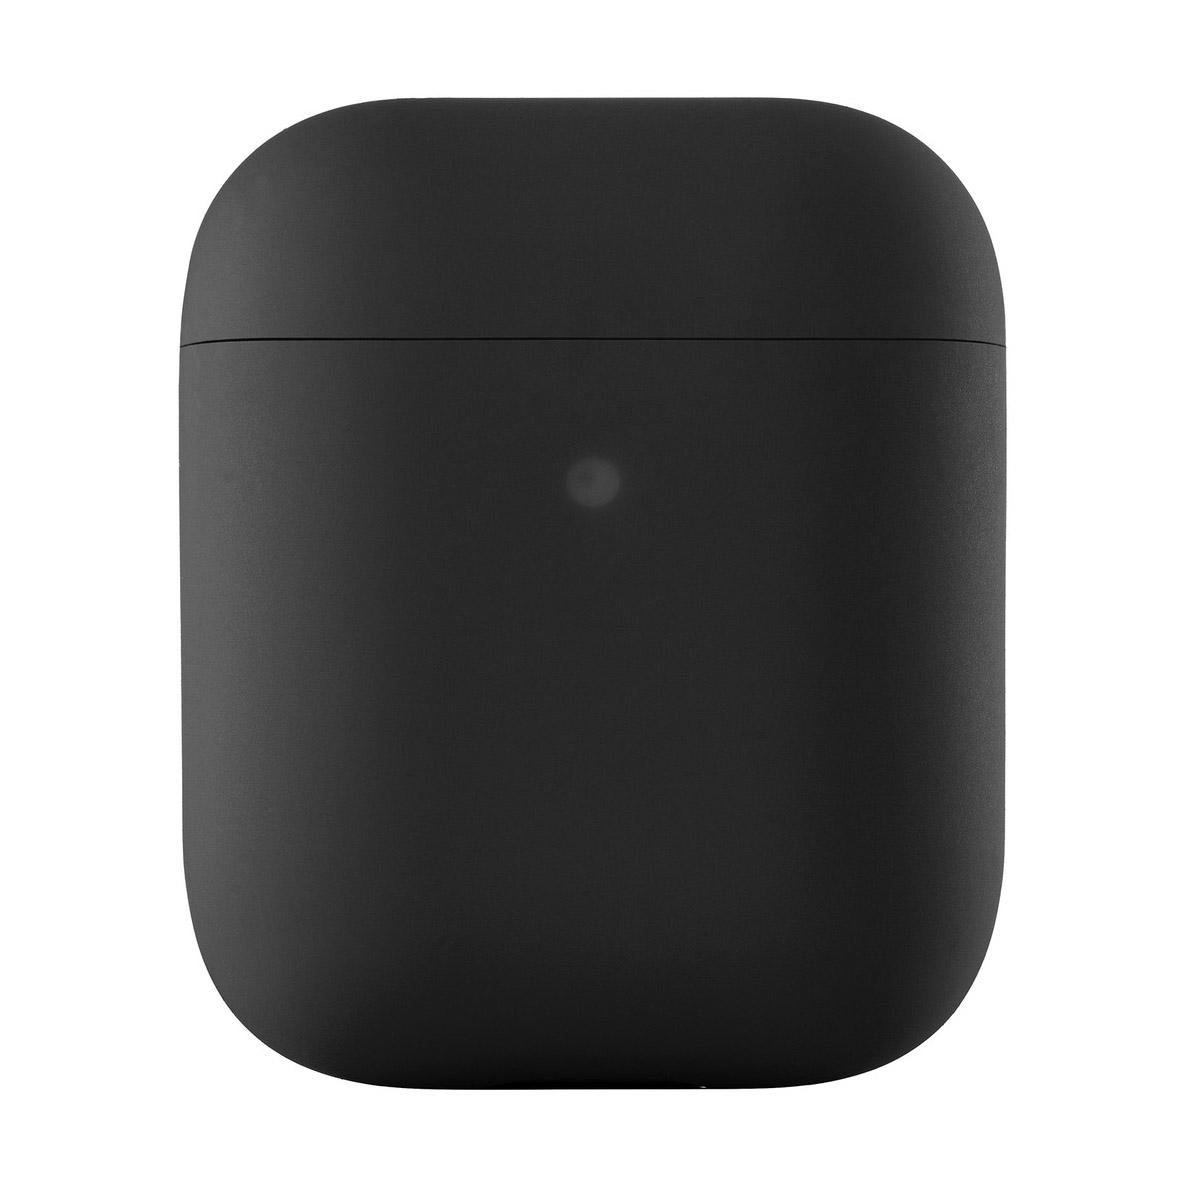 Чехол uBear для наушников Apple AirPods, черный чехол для наушников steward для apple airpods blue